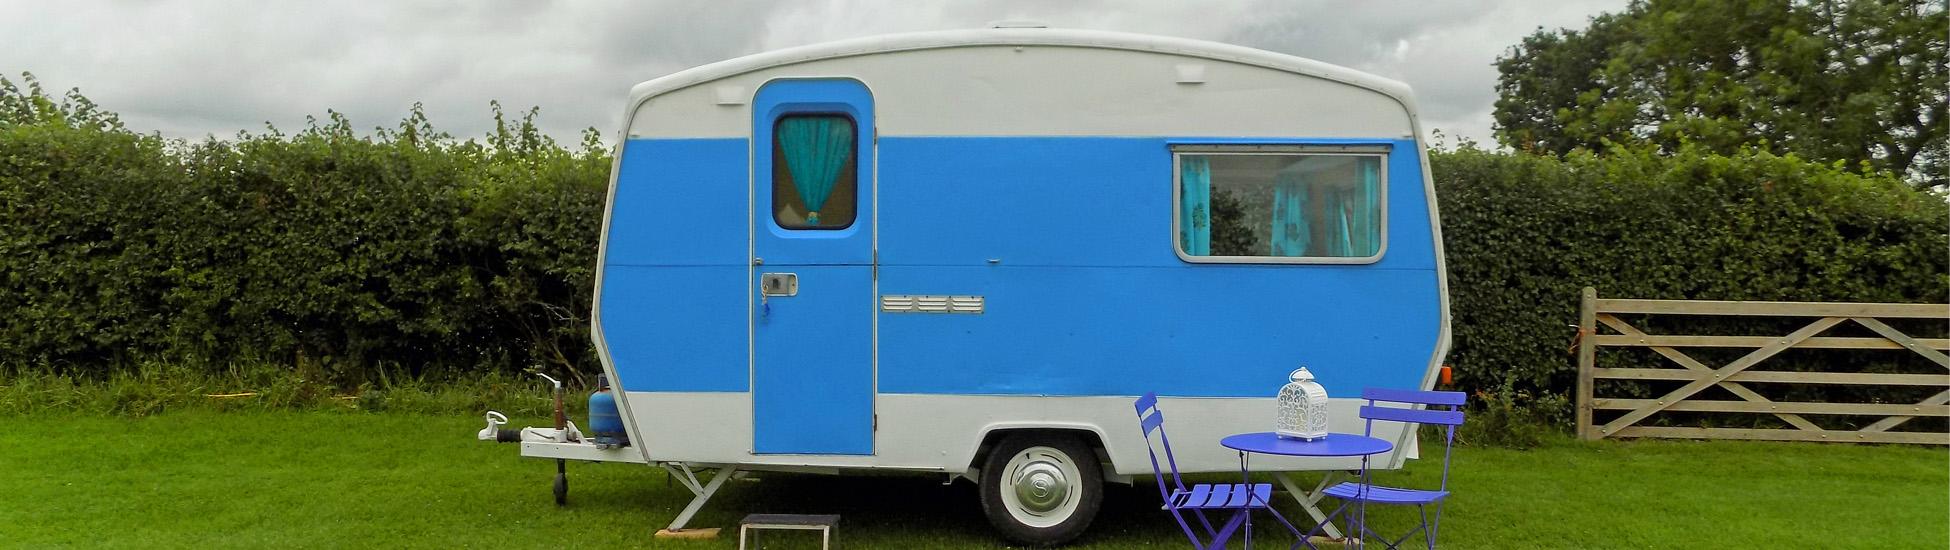 blue caravan1